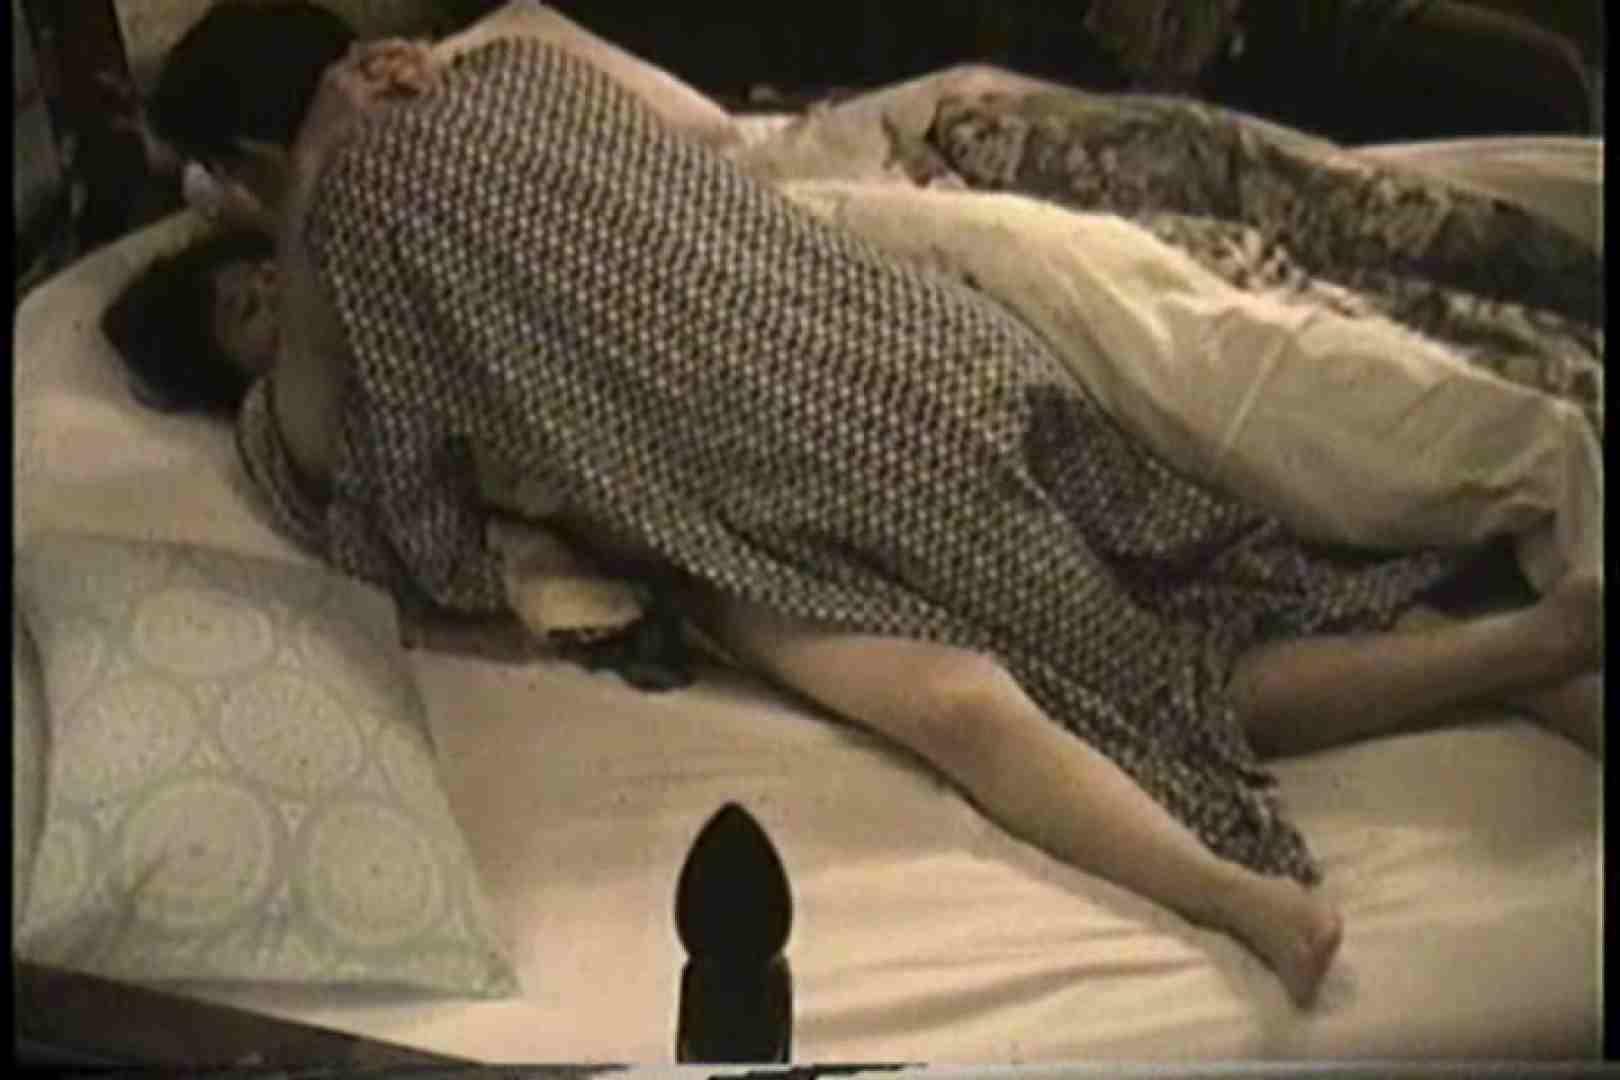 実録!ラブホテル~消し忘れ注意!昭和の色編~ vol.21 OL女体 ヌード画像 108連発 16